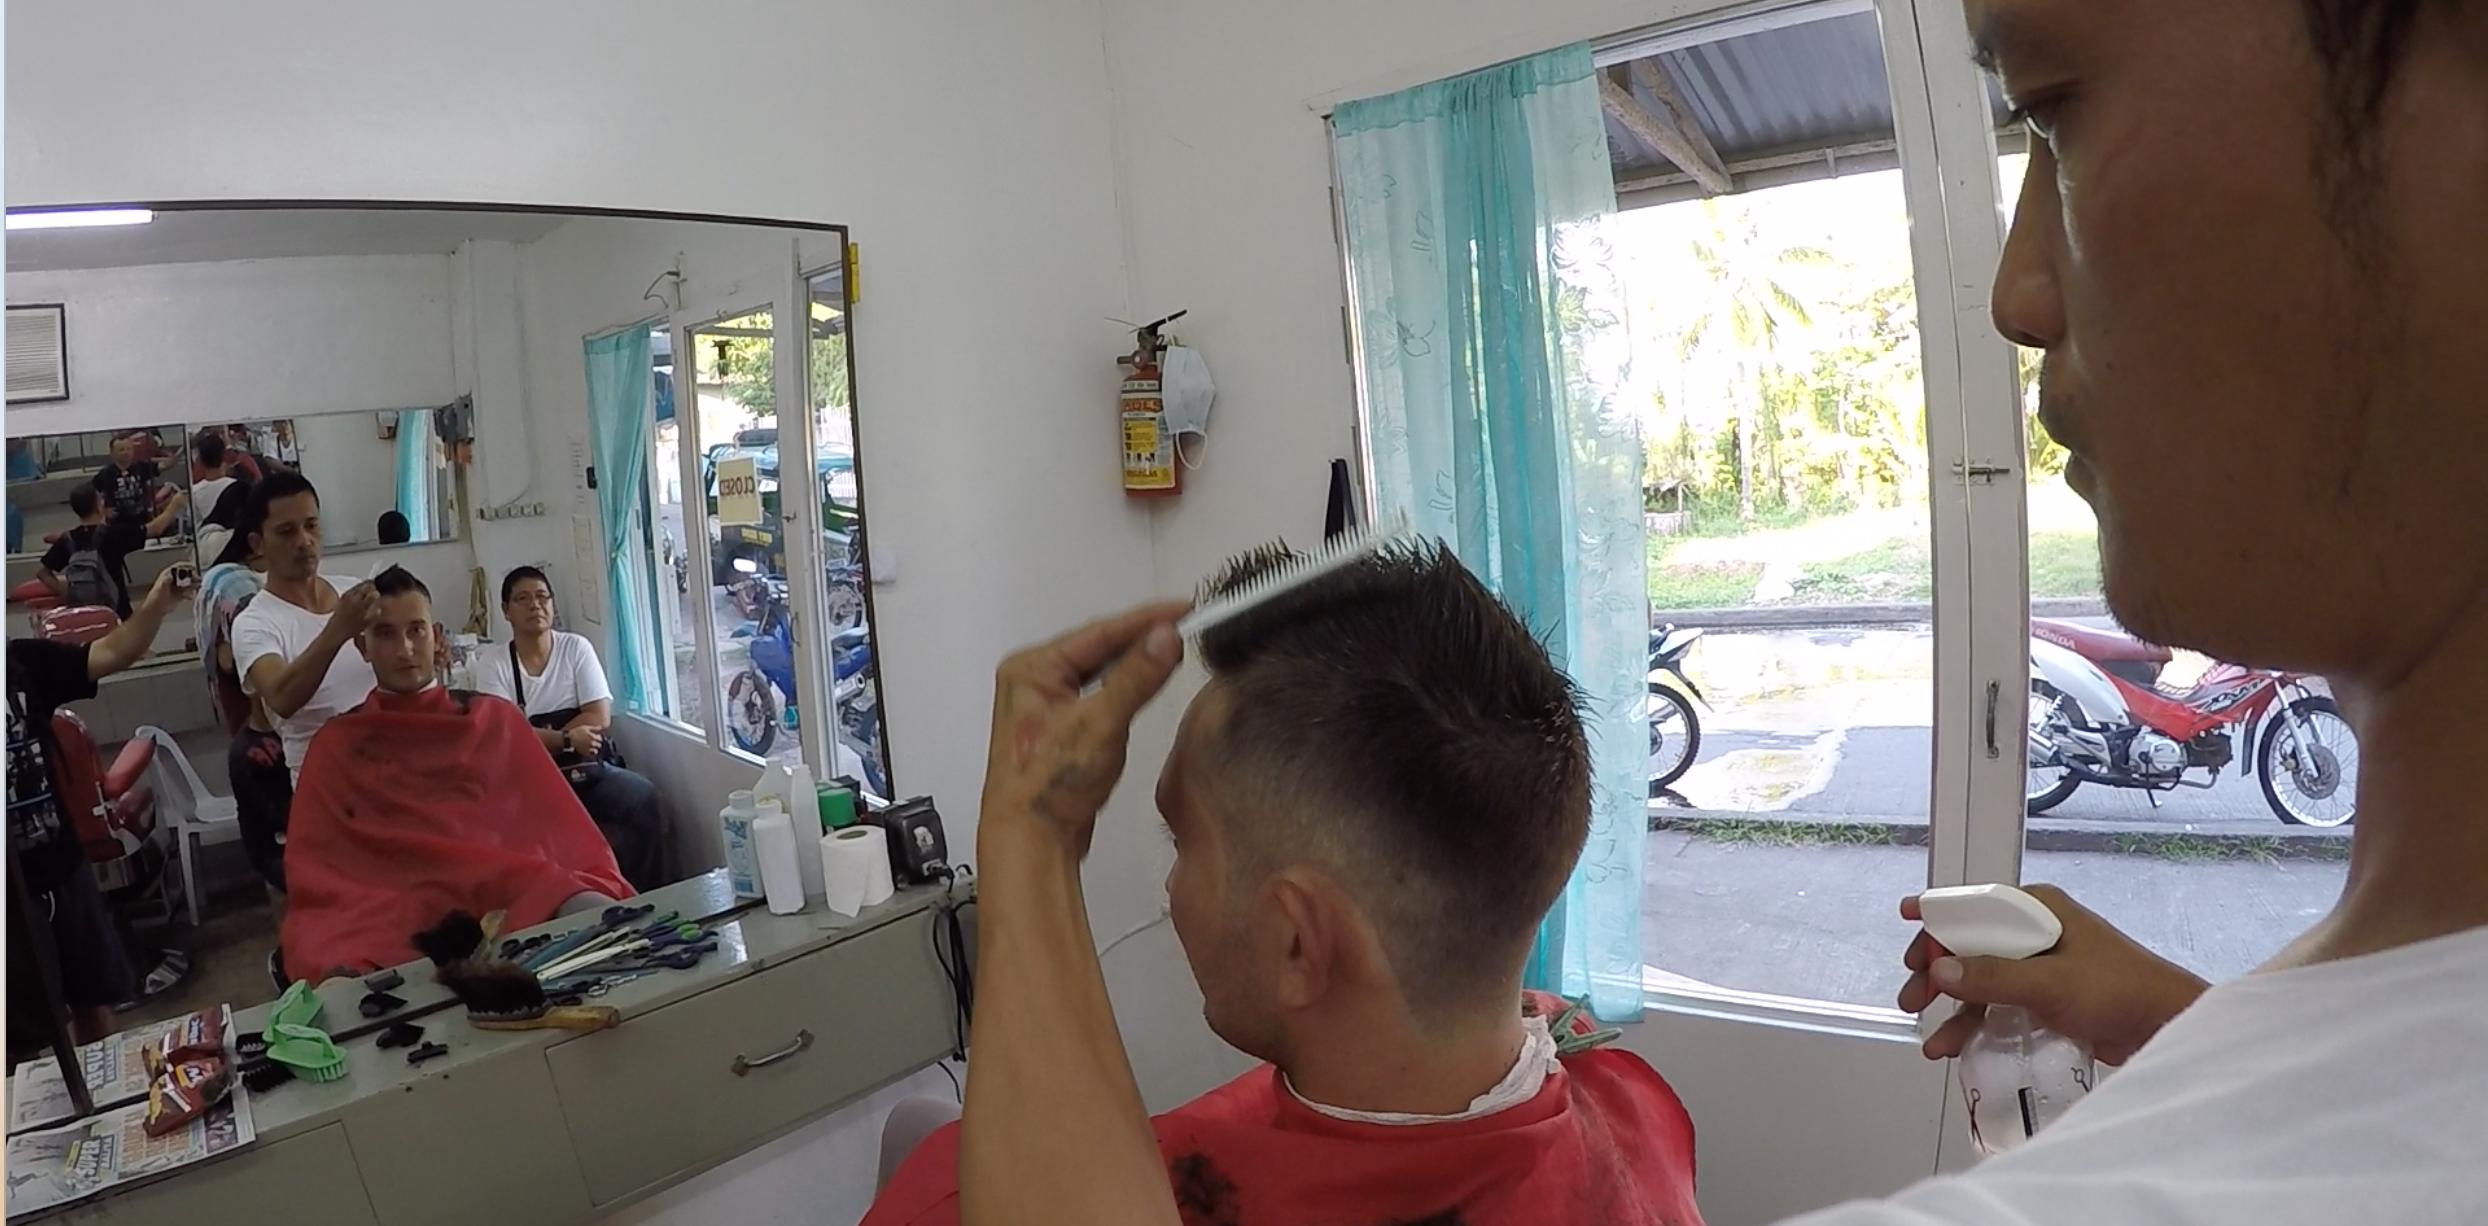 Le barbier de Camiguin